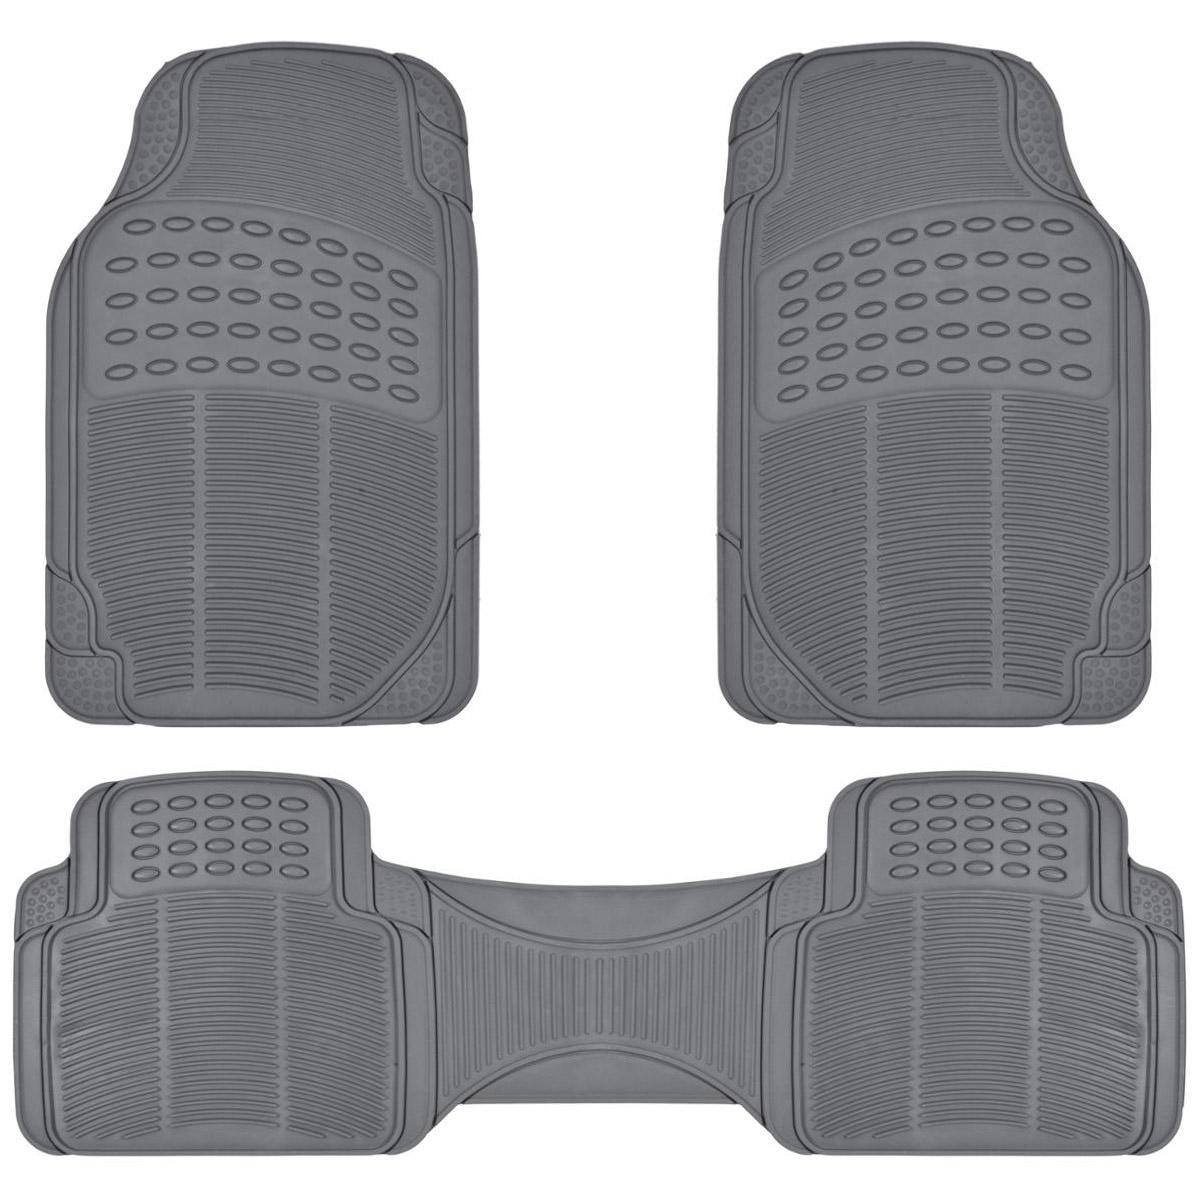 Rubber Liner For Honda Cr V Floor Mats Gray 3 Piece Semi